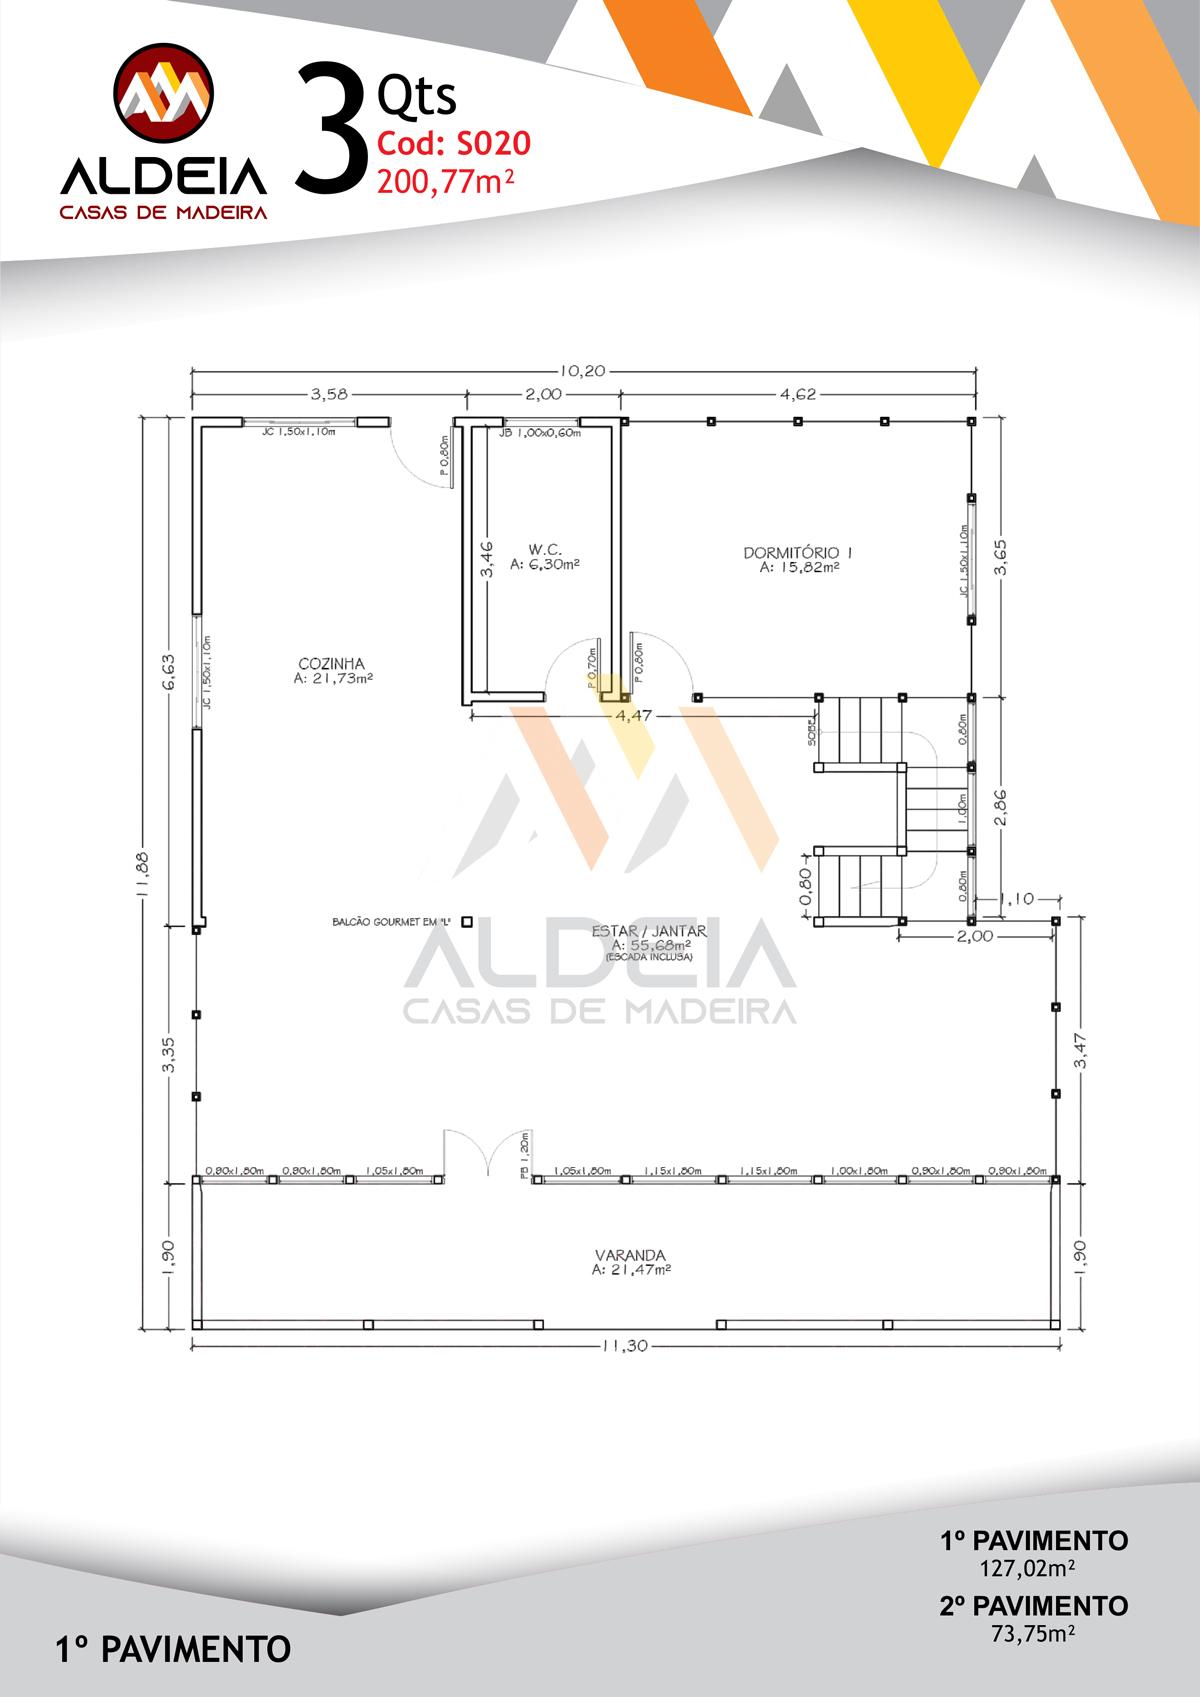 aldeia-casas-madeira-arquitetura-S020-1